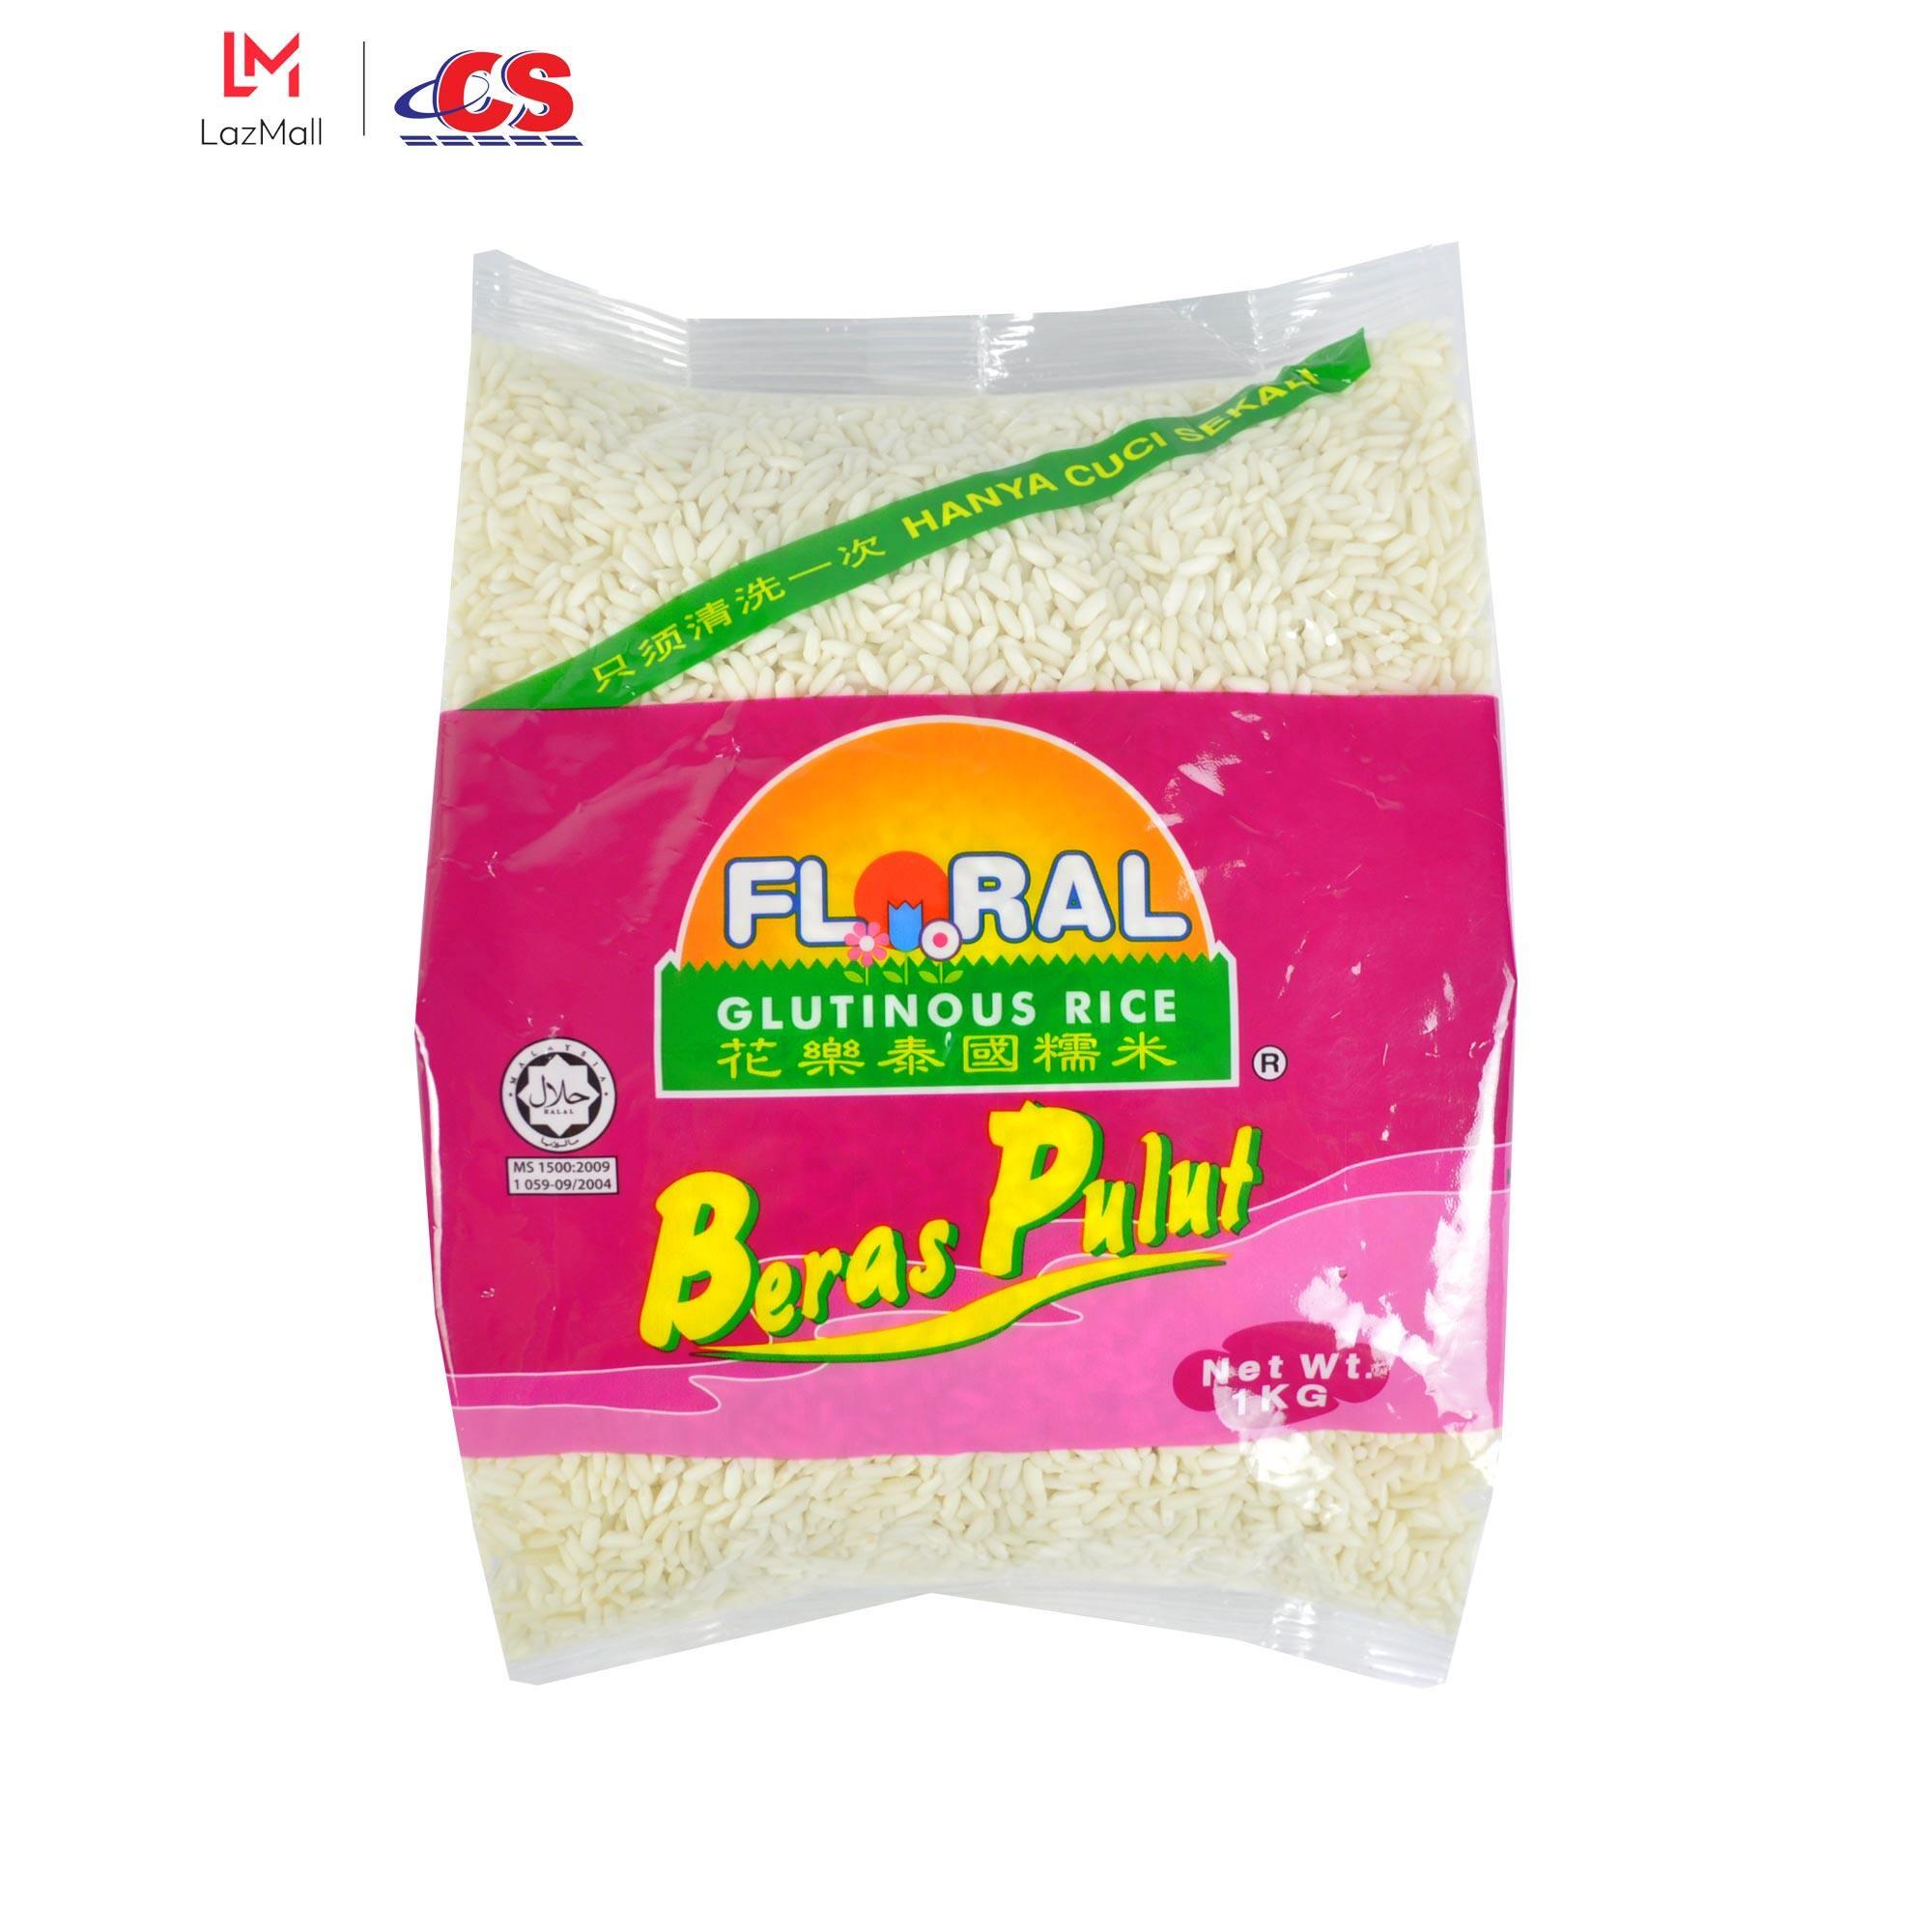 FLORAL Glutinous Rice 1kg